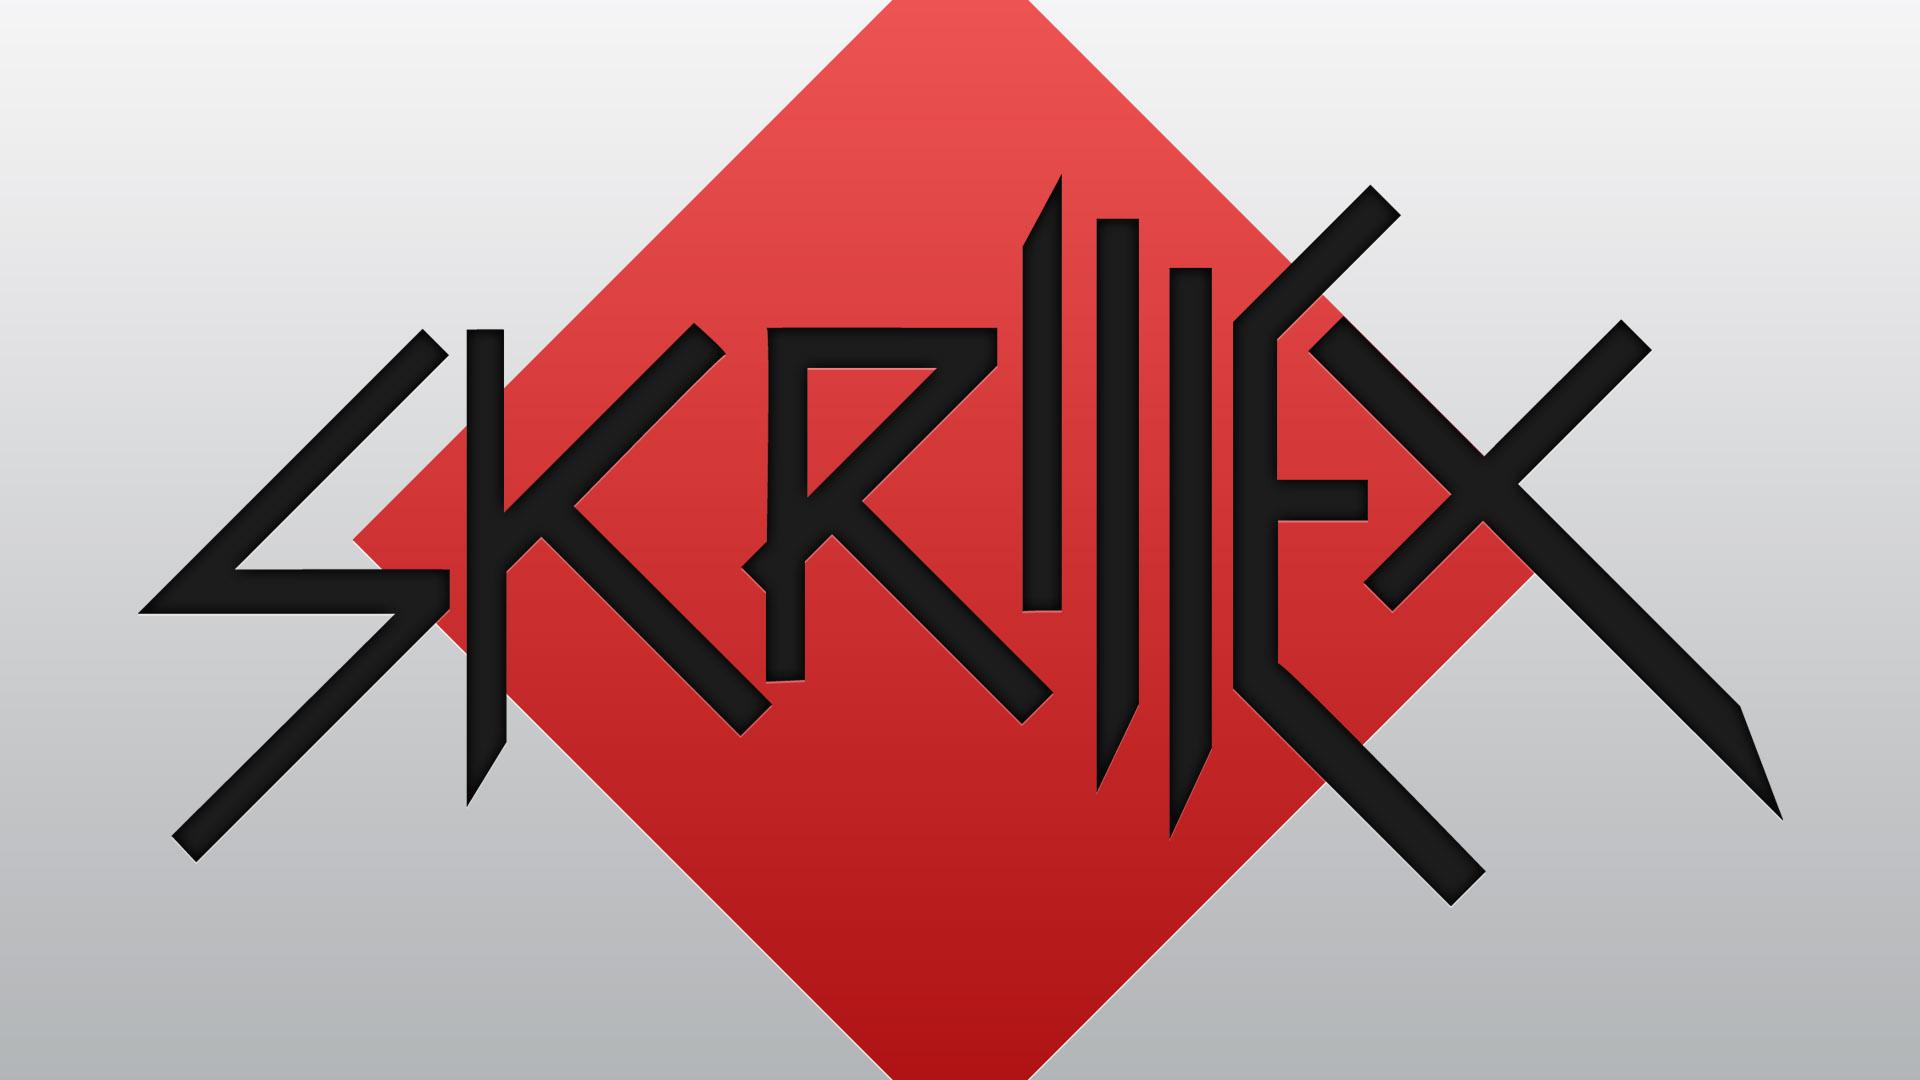 imagenes de skrillex